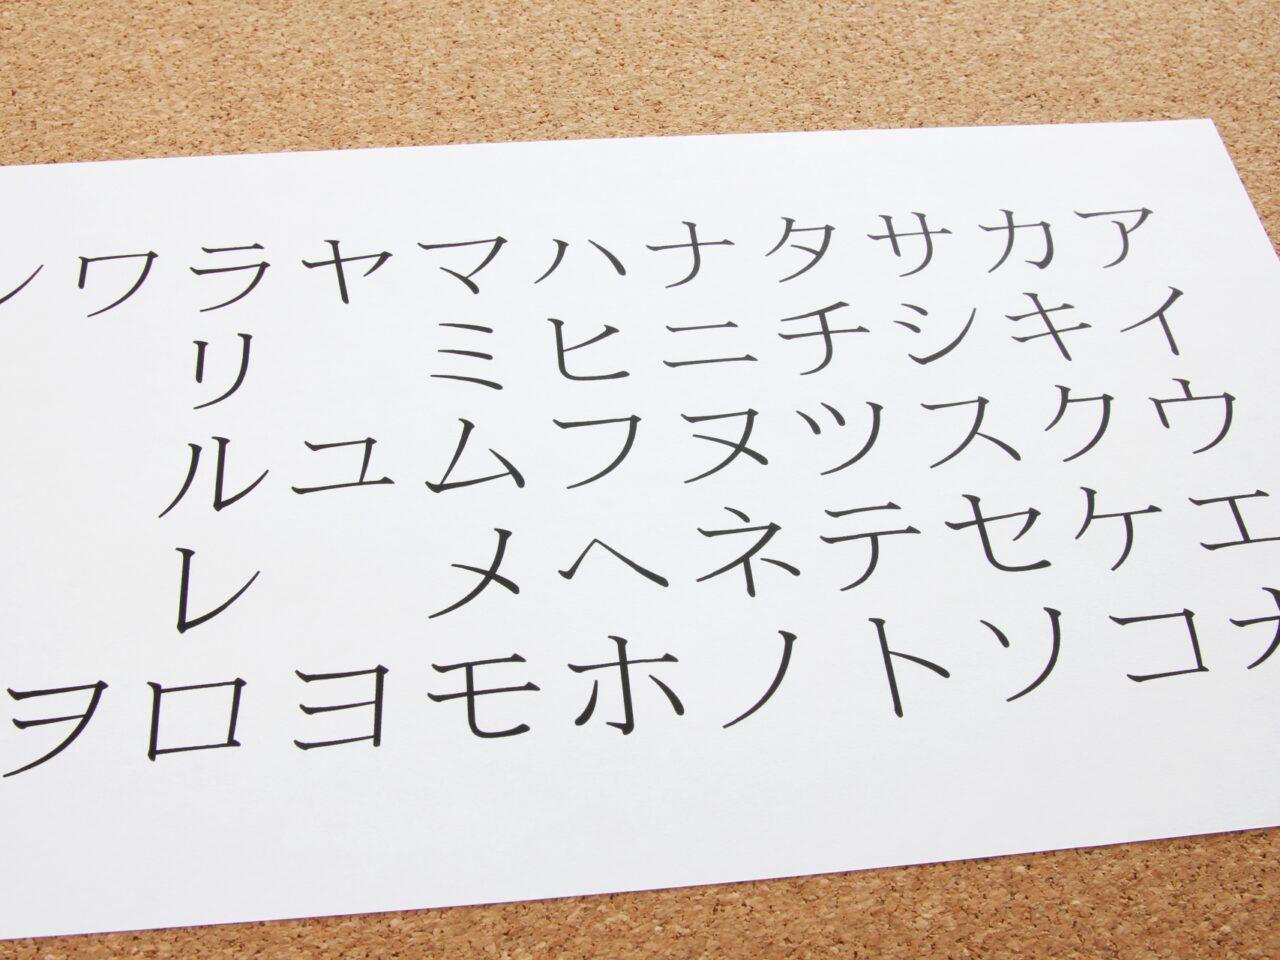 カタカナの特殊文字コピーツール!丸や可愛い記号をコピペで取得のサムネイル画像